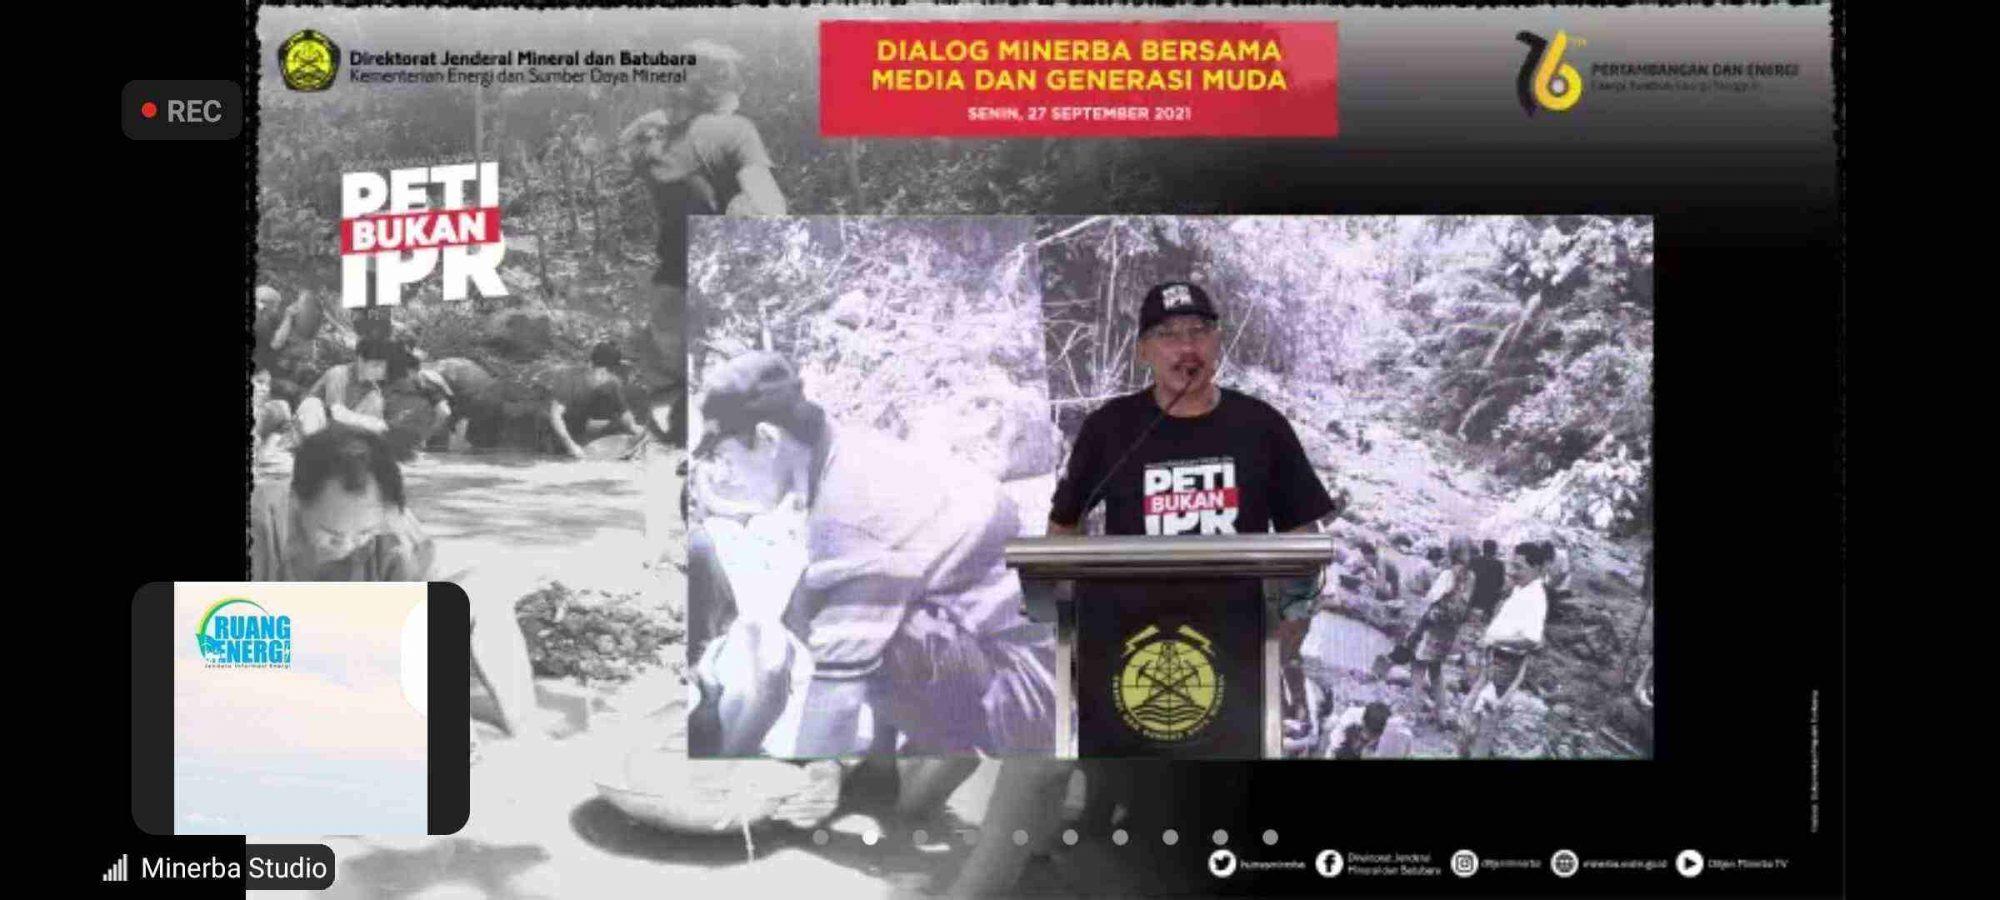 Dirjen Minerba Kementerian ESDM Ridwan Djamaluddin